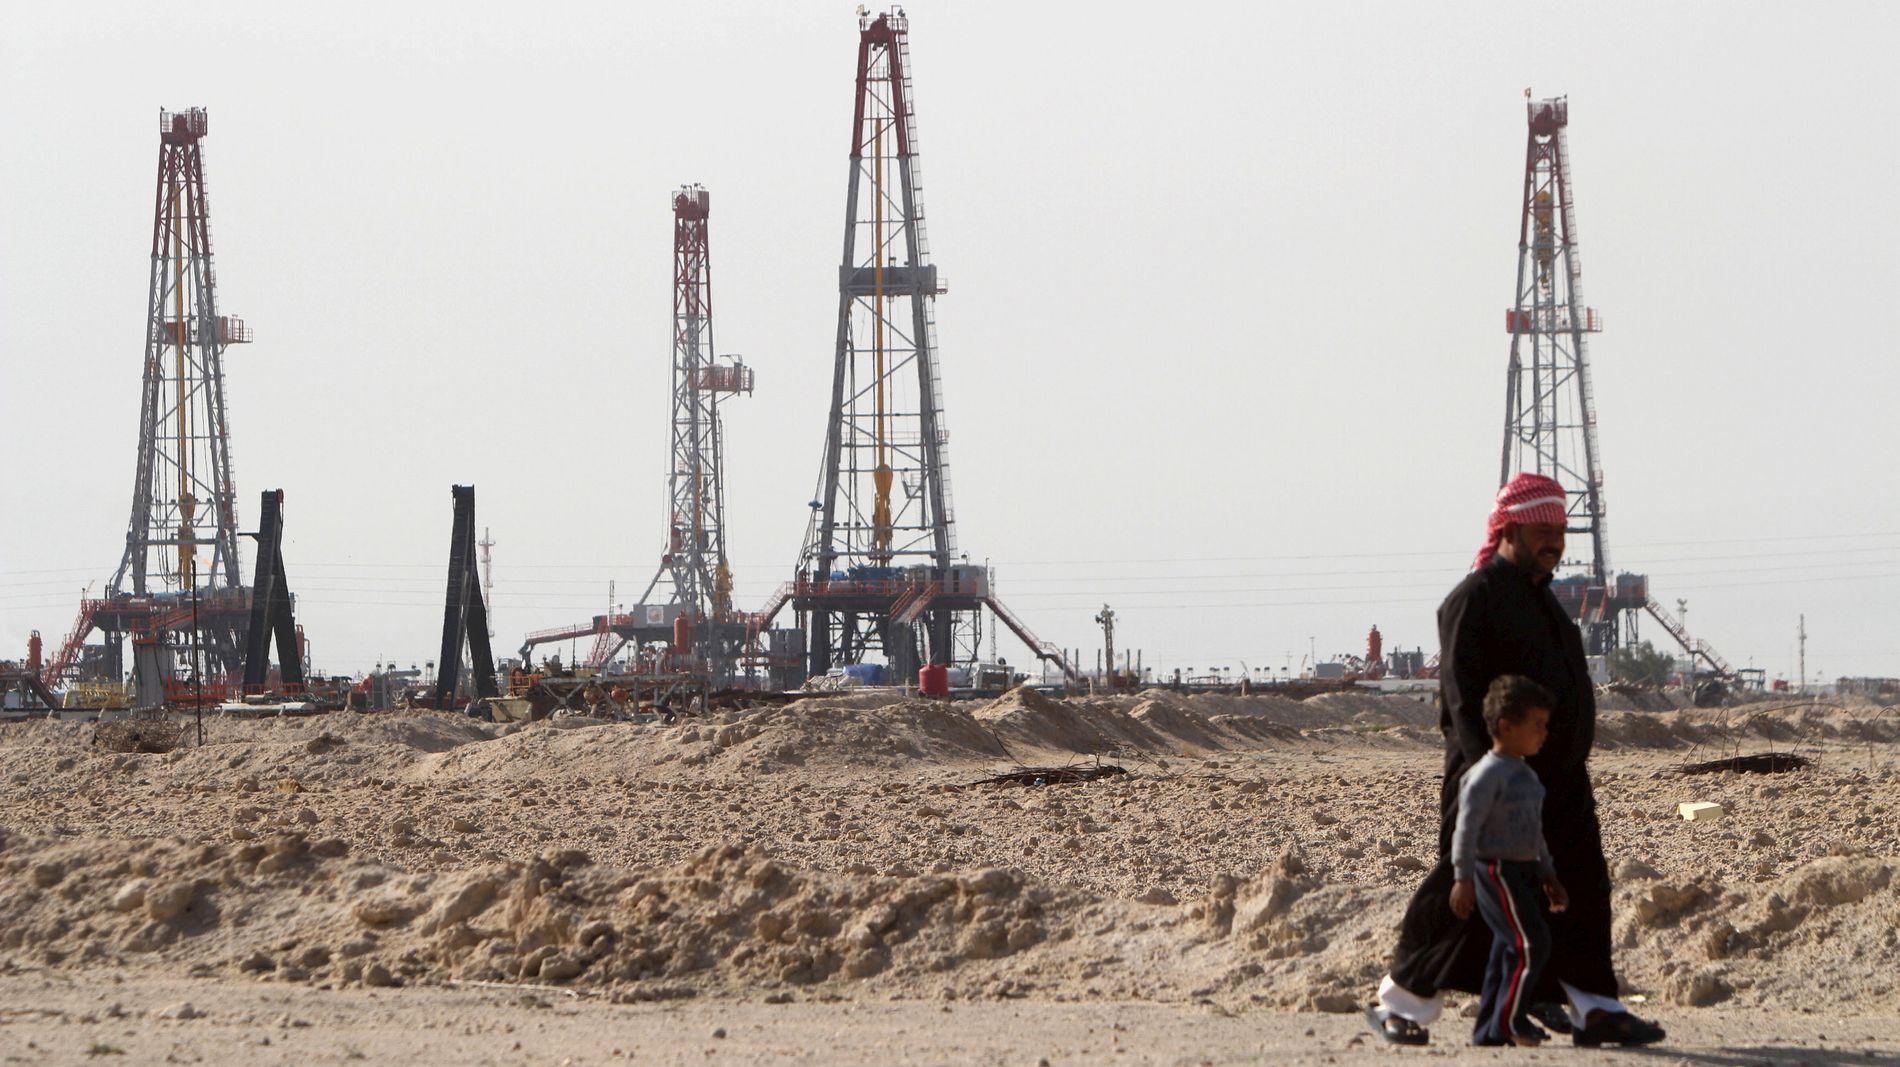 HVA GJØR OPEC? Klarer de å få kuttet produksjonen effektivt, og få opp oljeprisen? Her ser vi far og sønn spassere forbi Rumaila-oljefeltet i Basra i Irak.